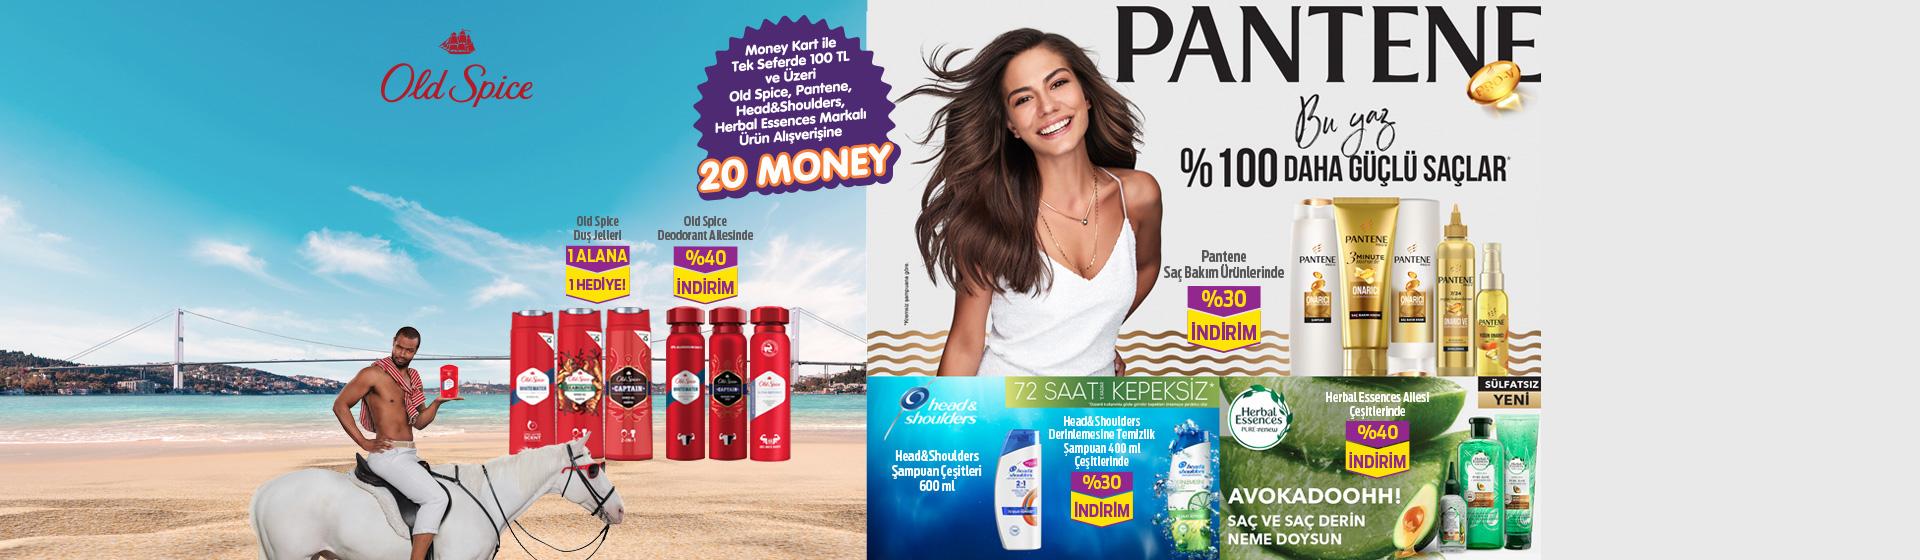 P&G Money Kampanyası